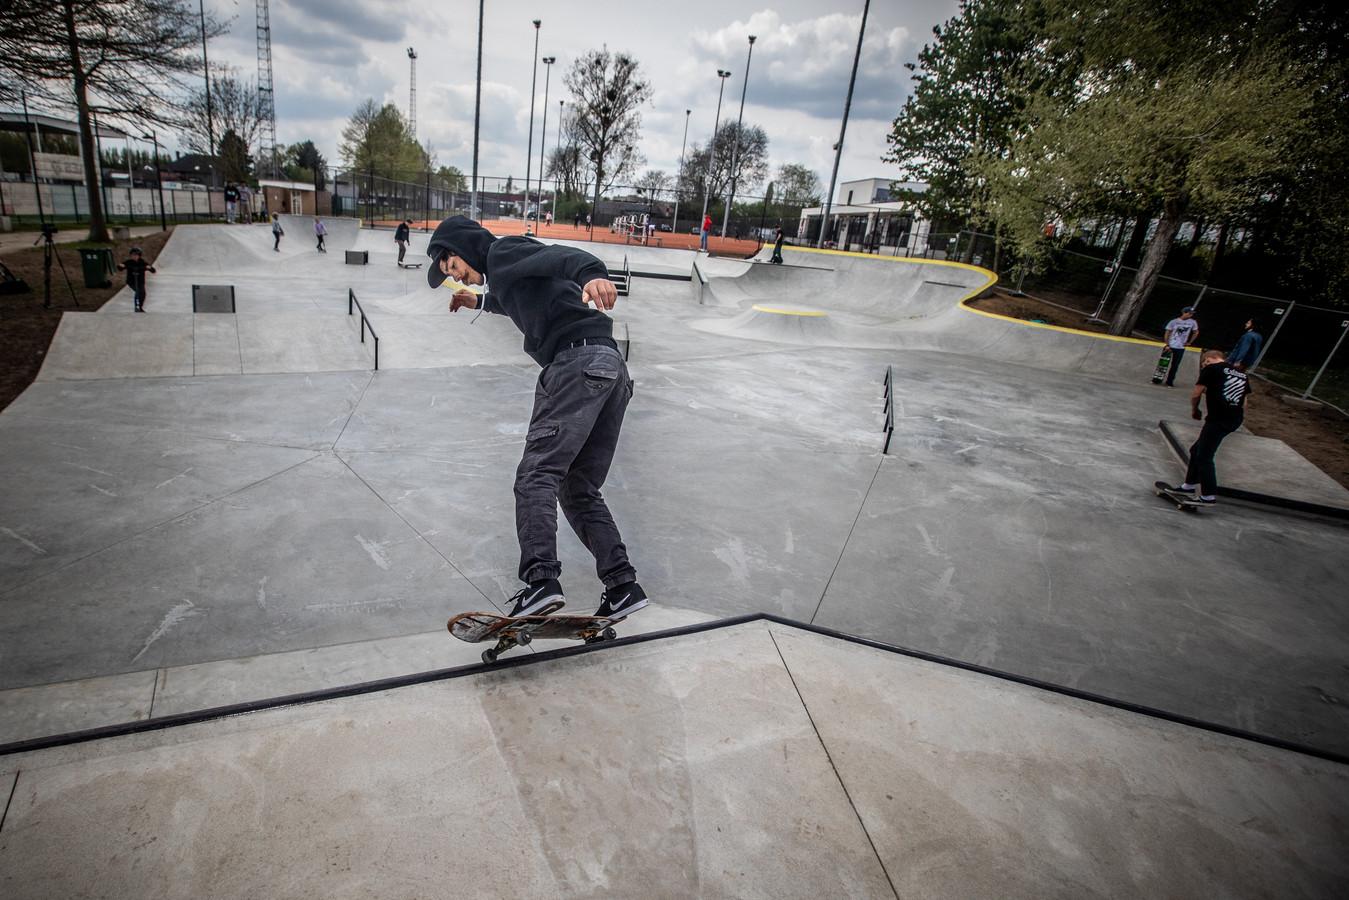 Het skatepark op de vrijetijdssite De Kimpel in Bilzen, waar binnenkort skateboardlessen zullen doorgaan.